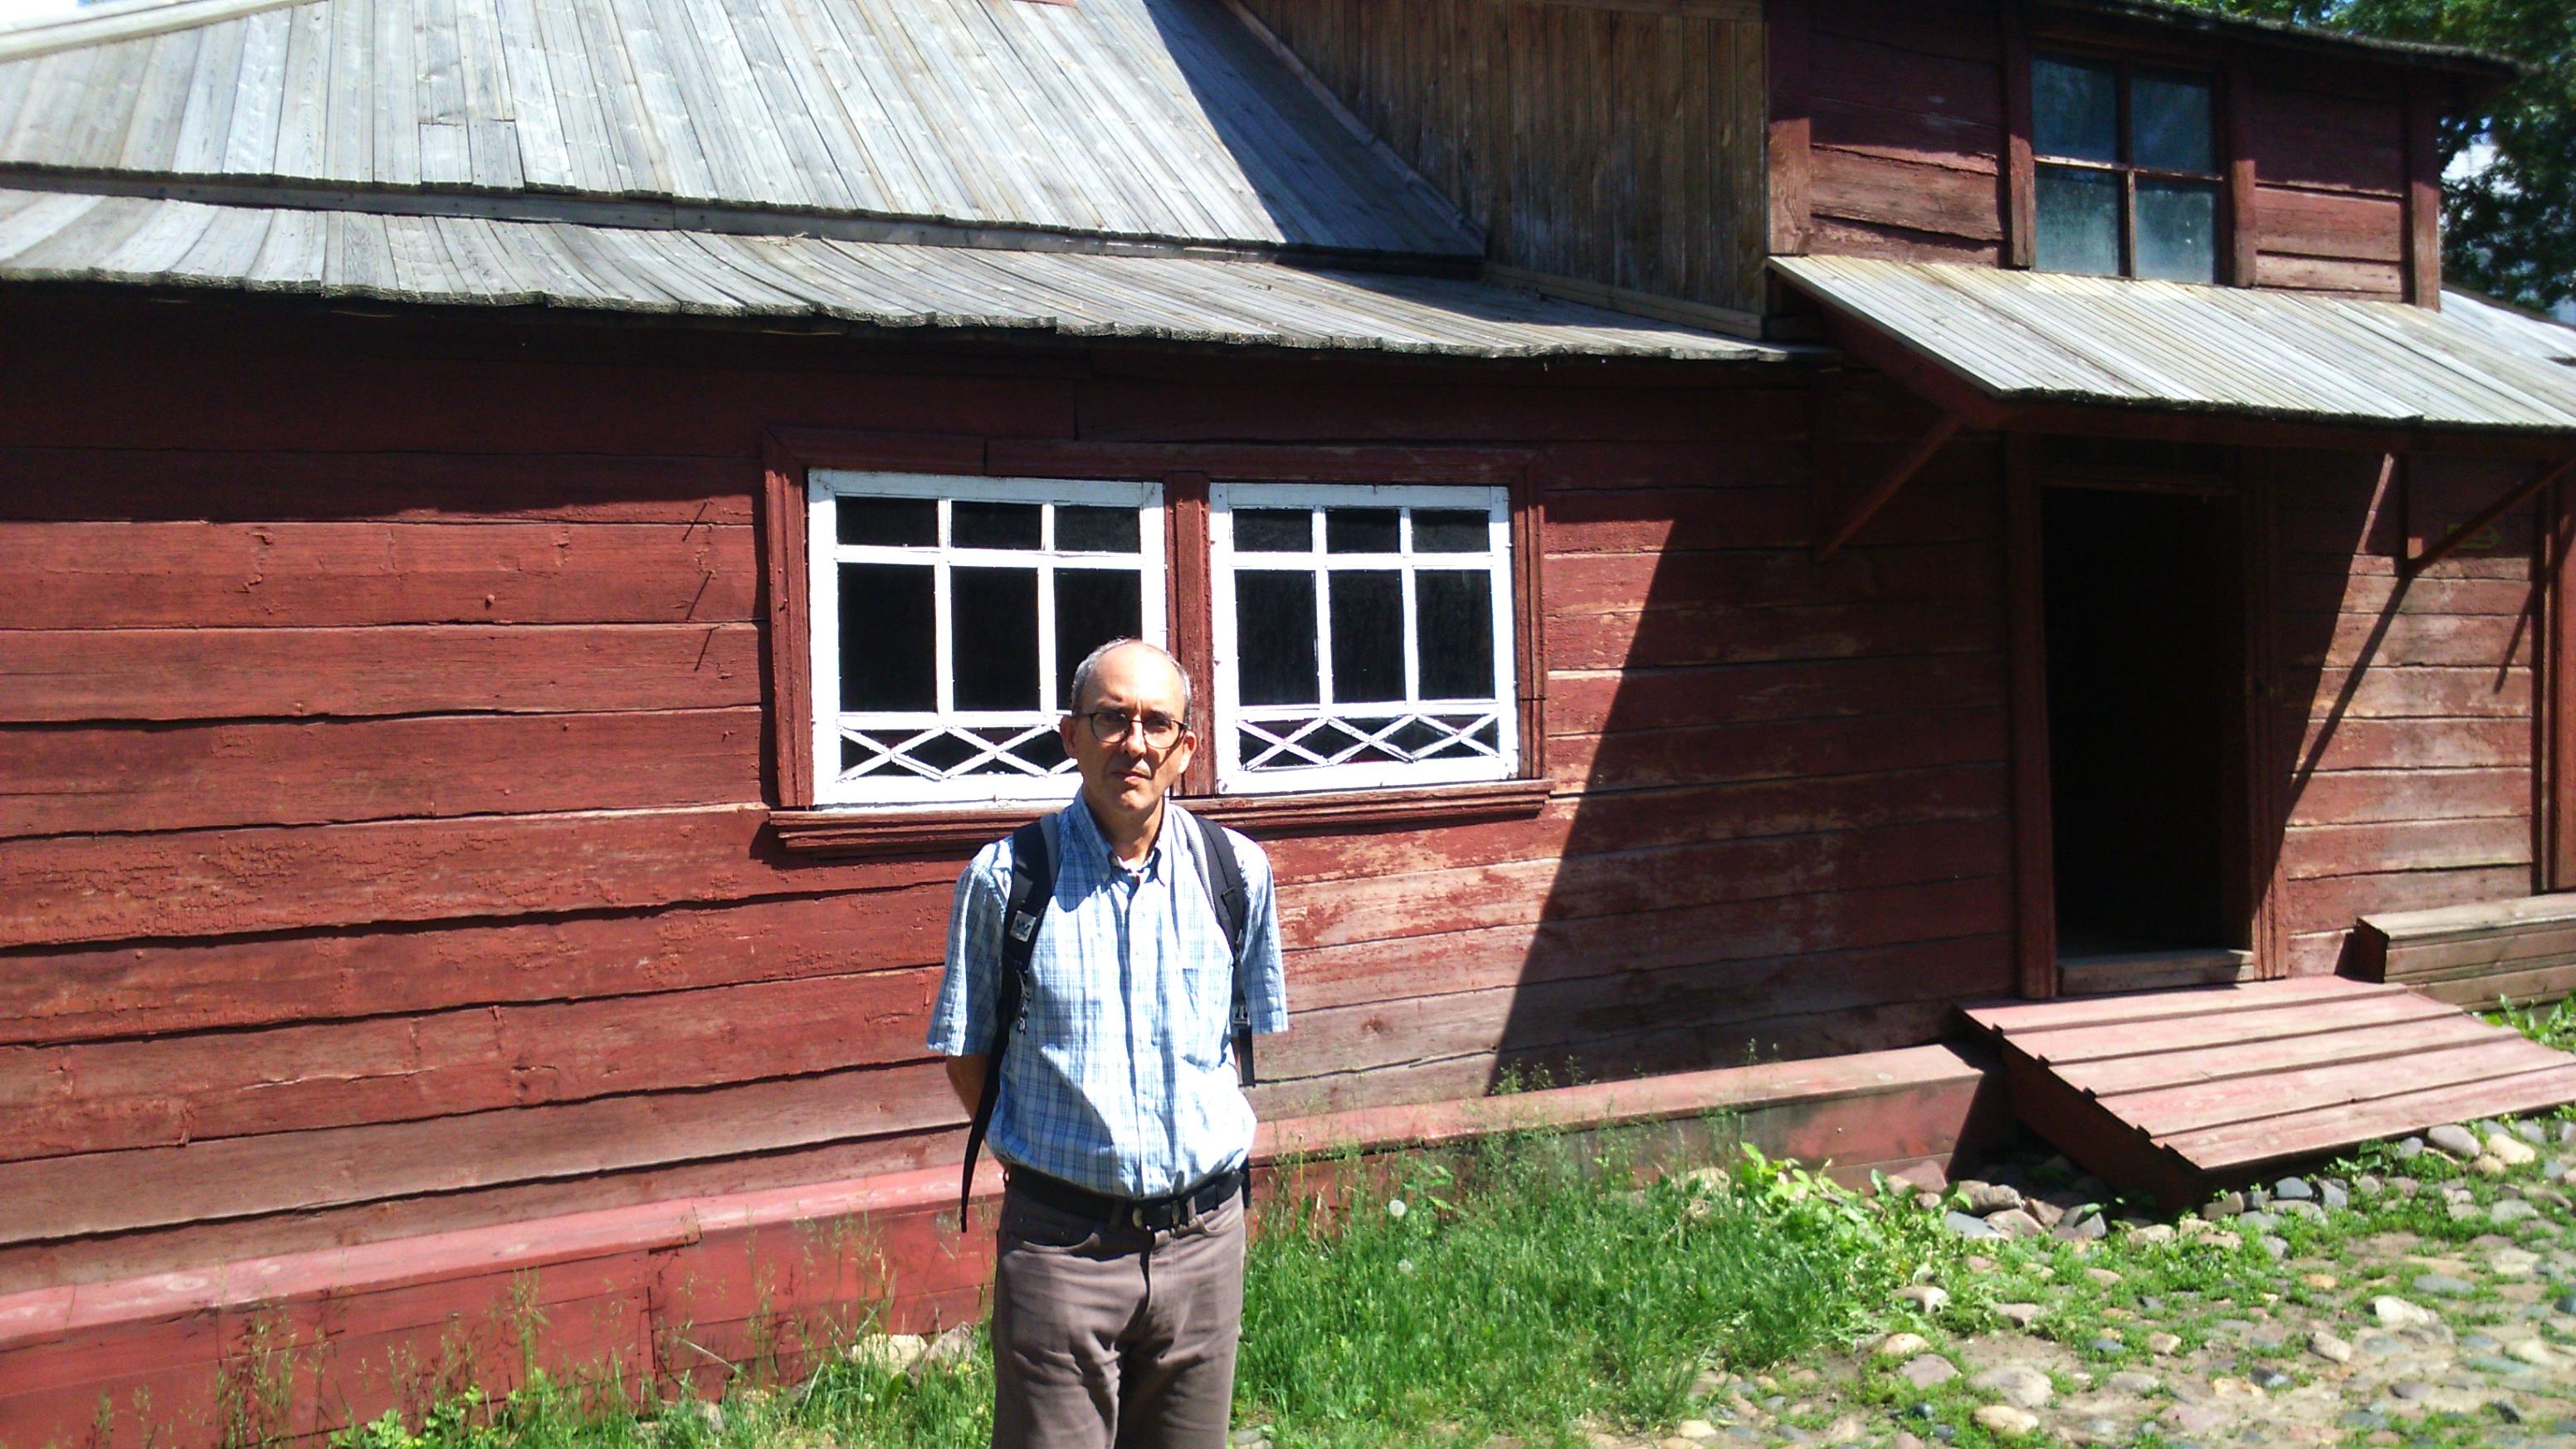 """Um dos maiores tradutores do russo na atualidade, Figueiredo posa para foto em frente à casa do avô de Maksim Górki, em Níjni Novgorod, descrita em sua obra """"Infância""""/ Arquivo pessoal"""